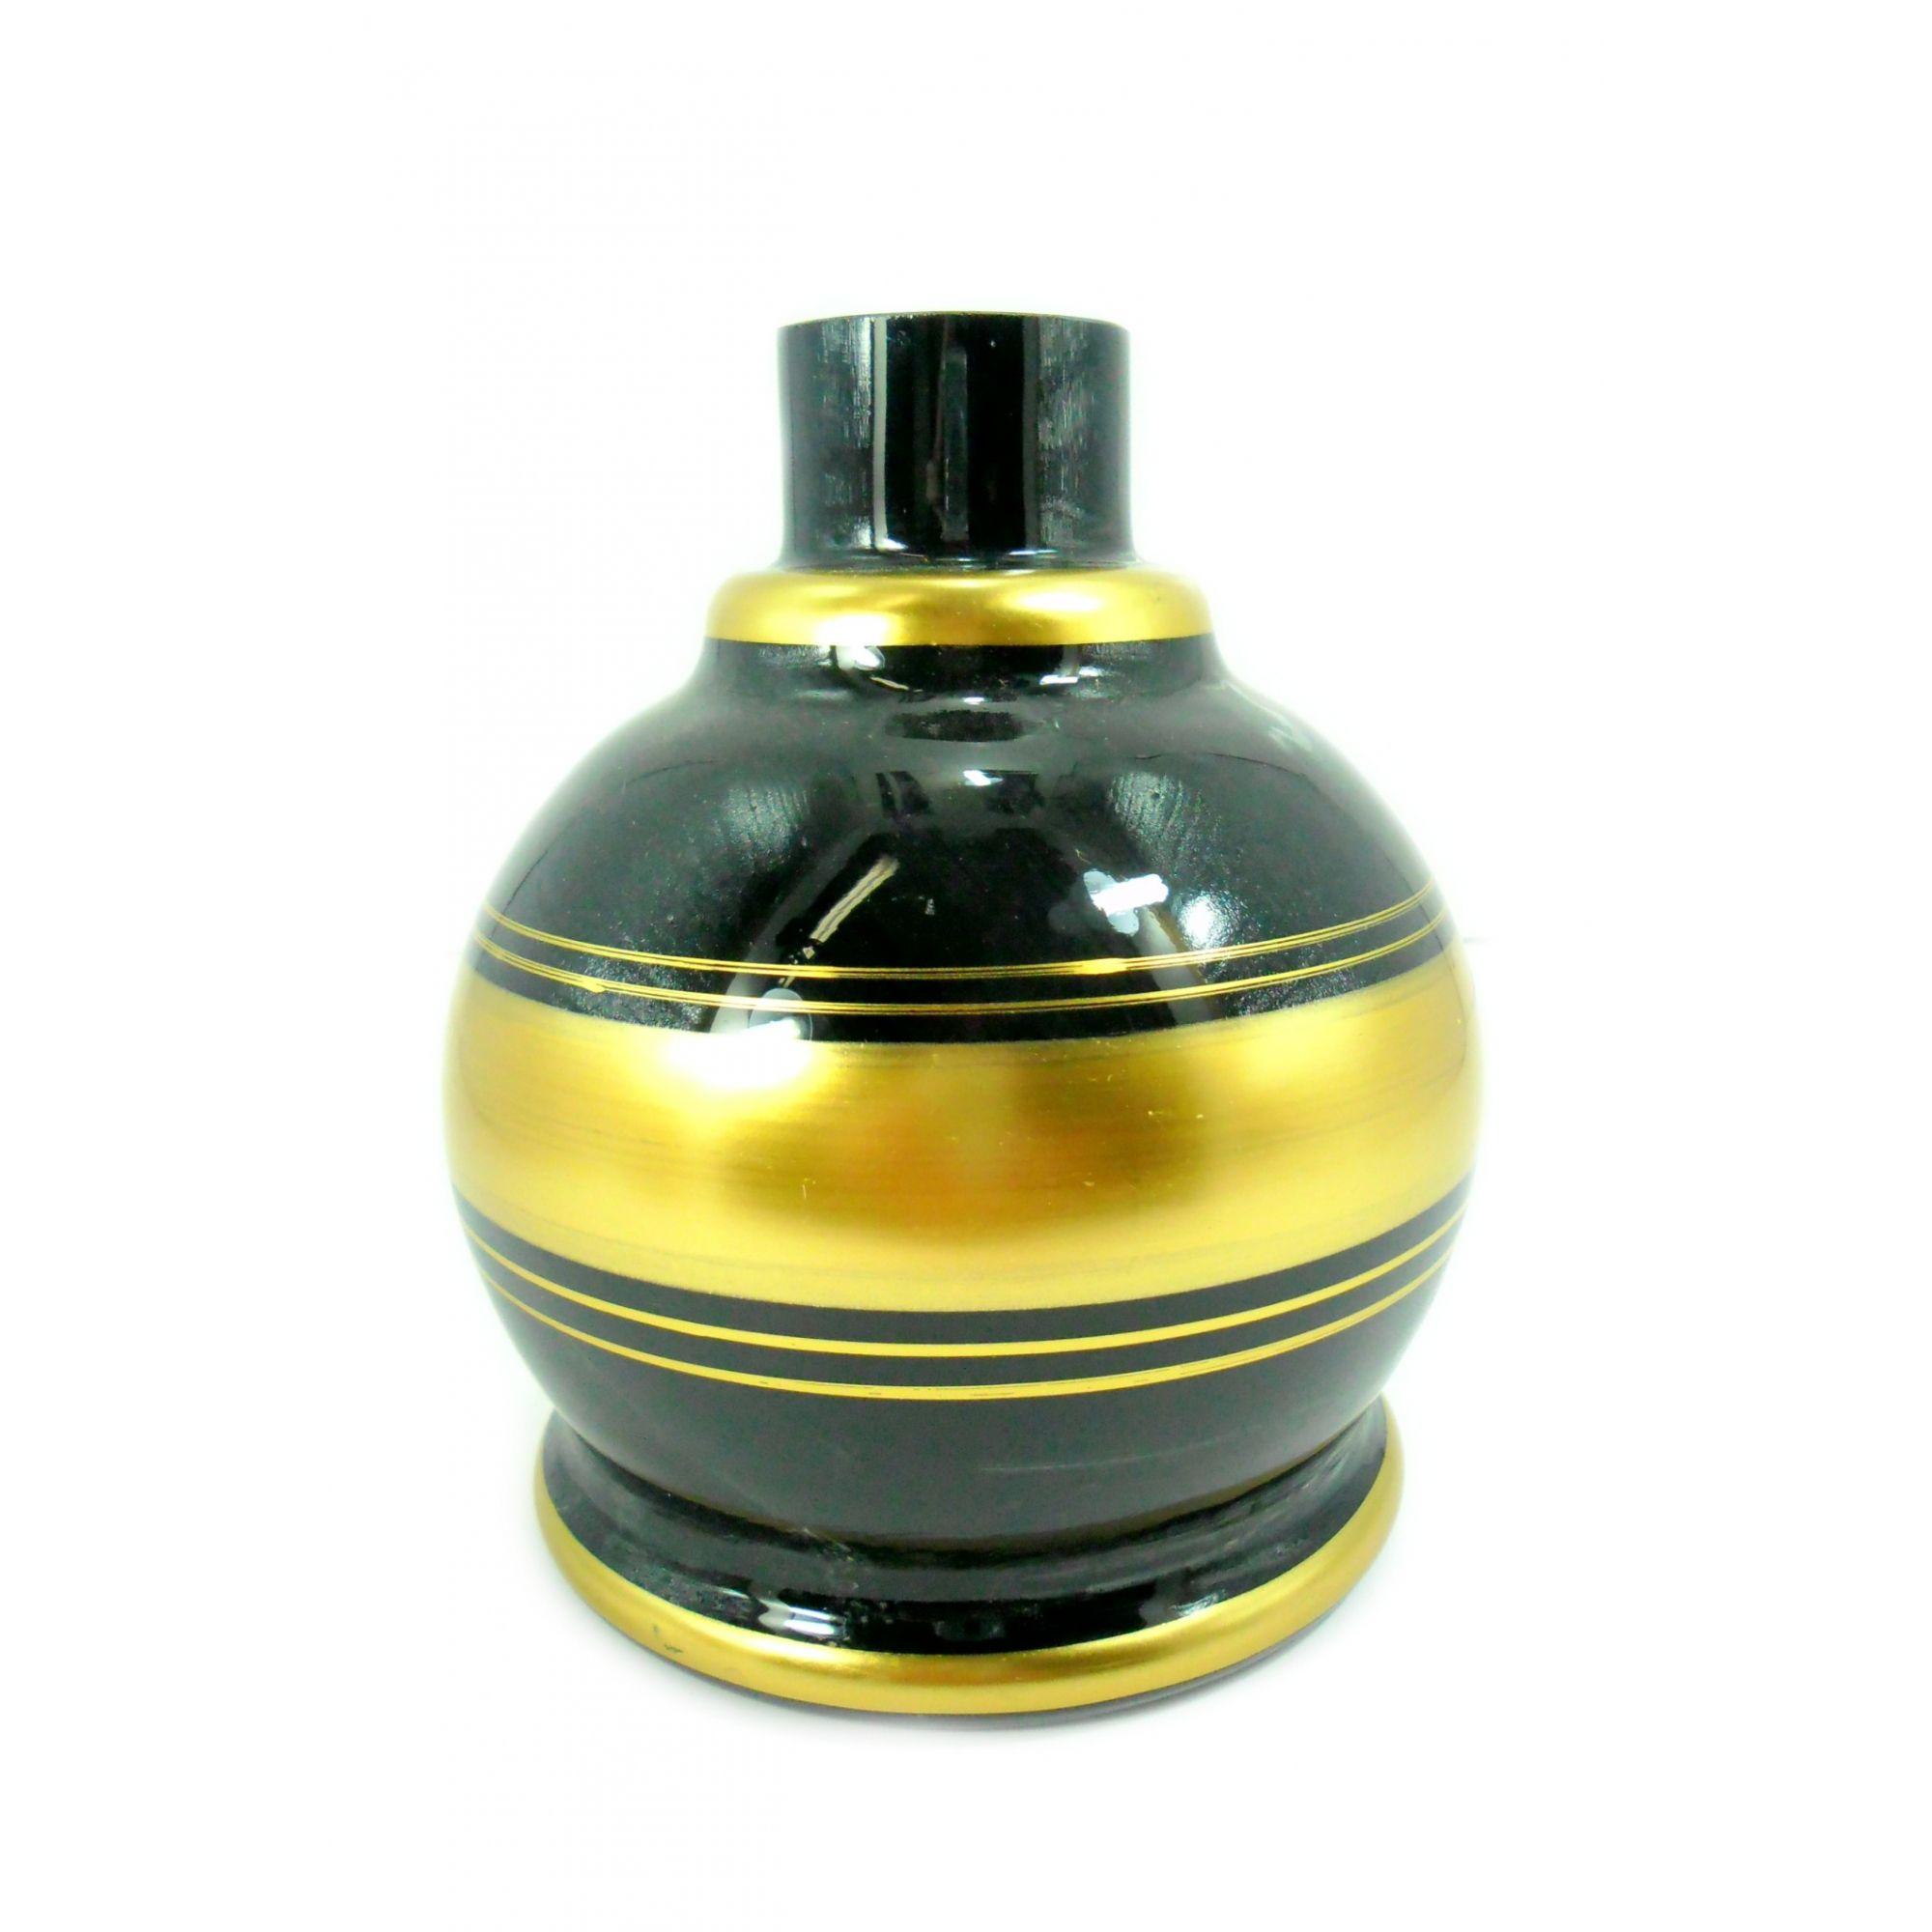 Vaso/base para narguile em vidro, KIMO BALL com listras douradas. 13cm alt. Encaixe macho (interno). Preto/dourado.